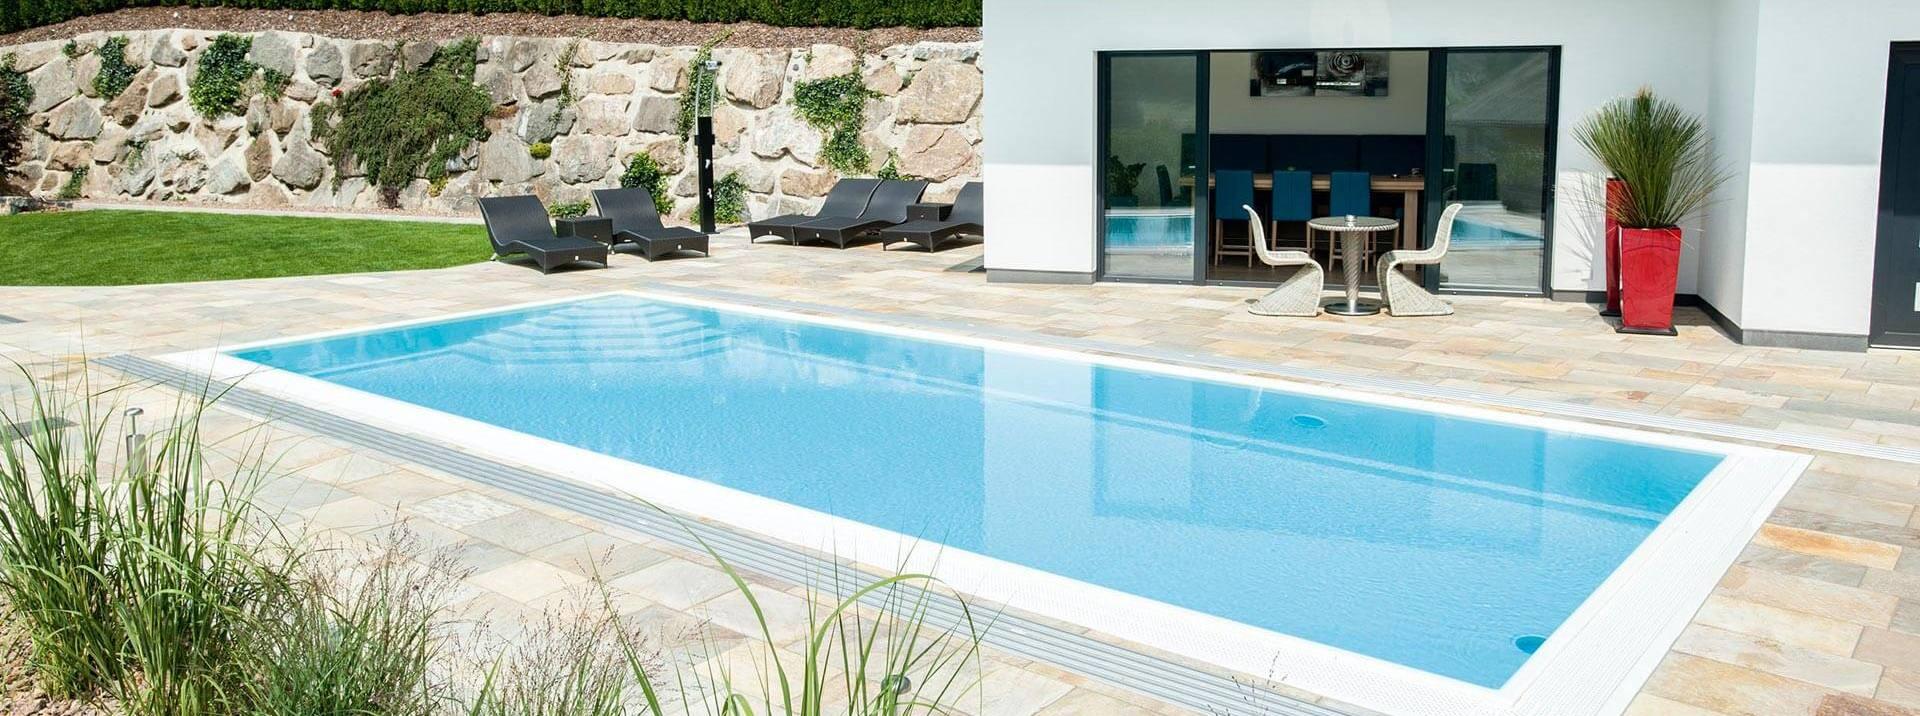 Full Size of Gebrauchte Gfk Pools Kaufen Küche Regale Fenster Einbauküche Betten Verkaufen Wohnzimmer Gebrauchte Gfk Pools